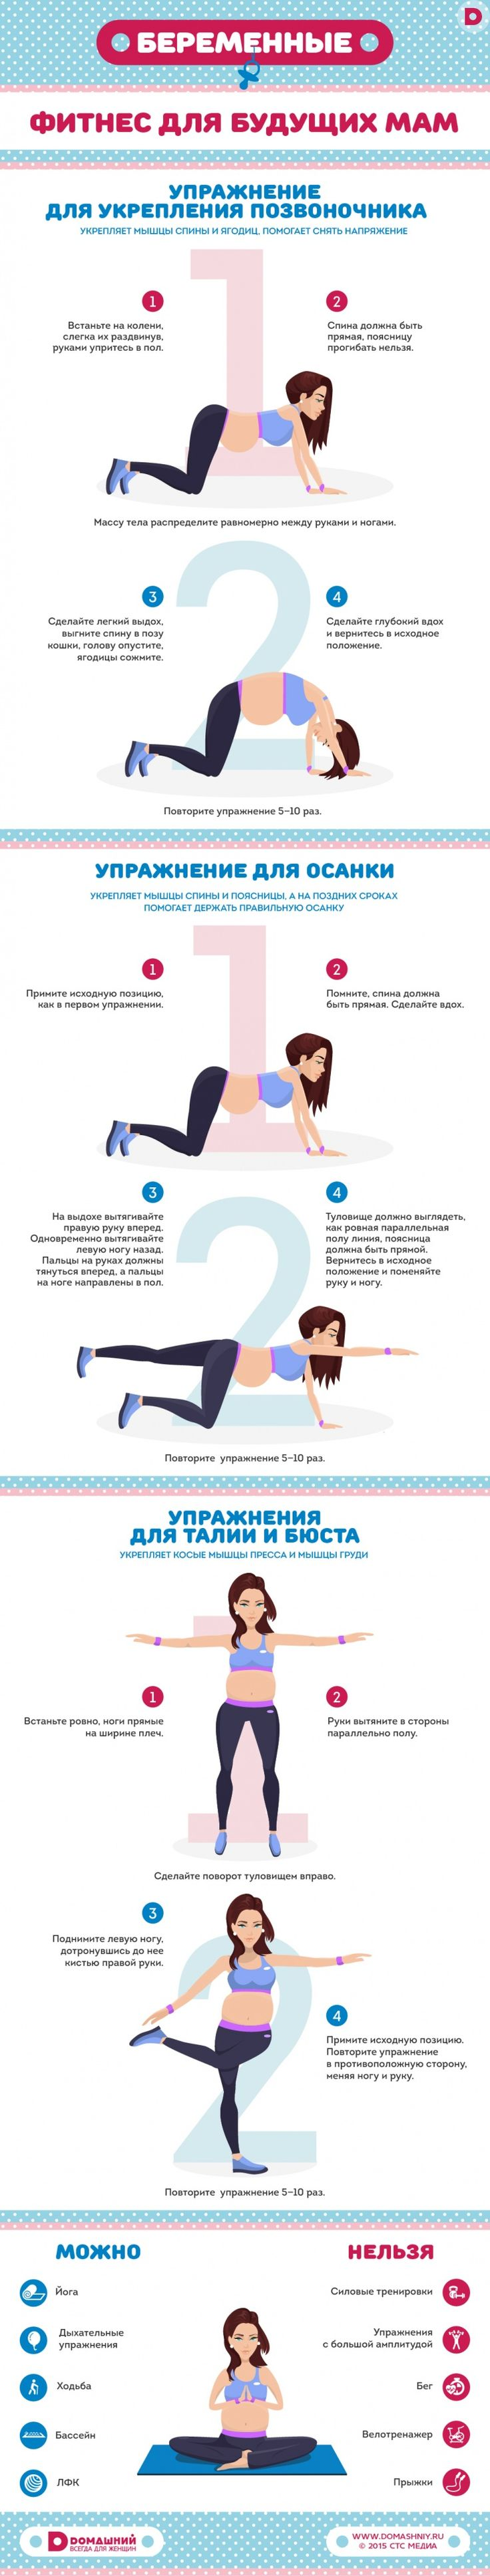 Комплекс упражнений для беременных второй триместр в домашних условиях 50